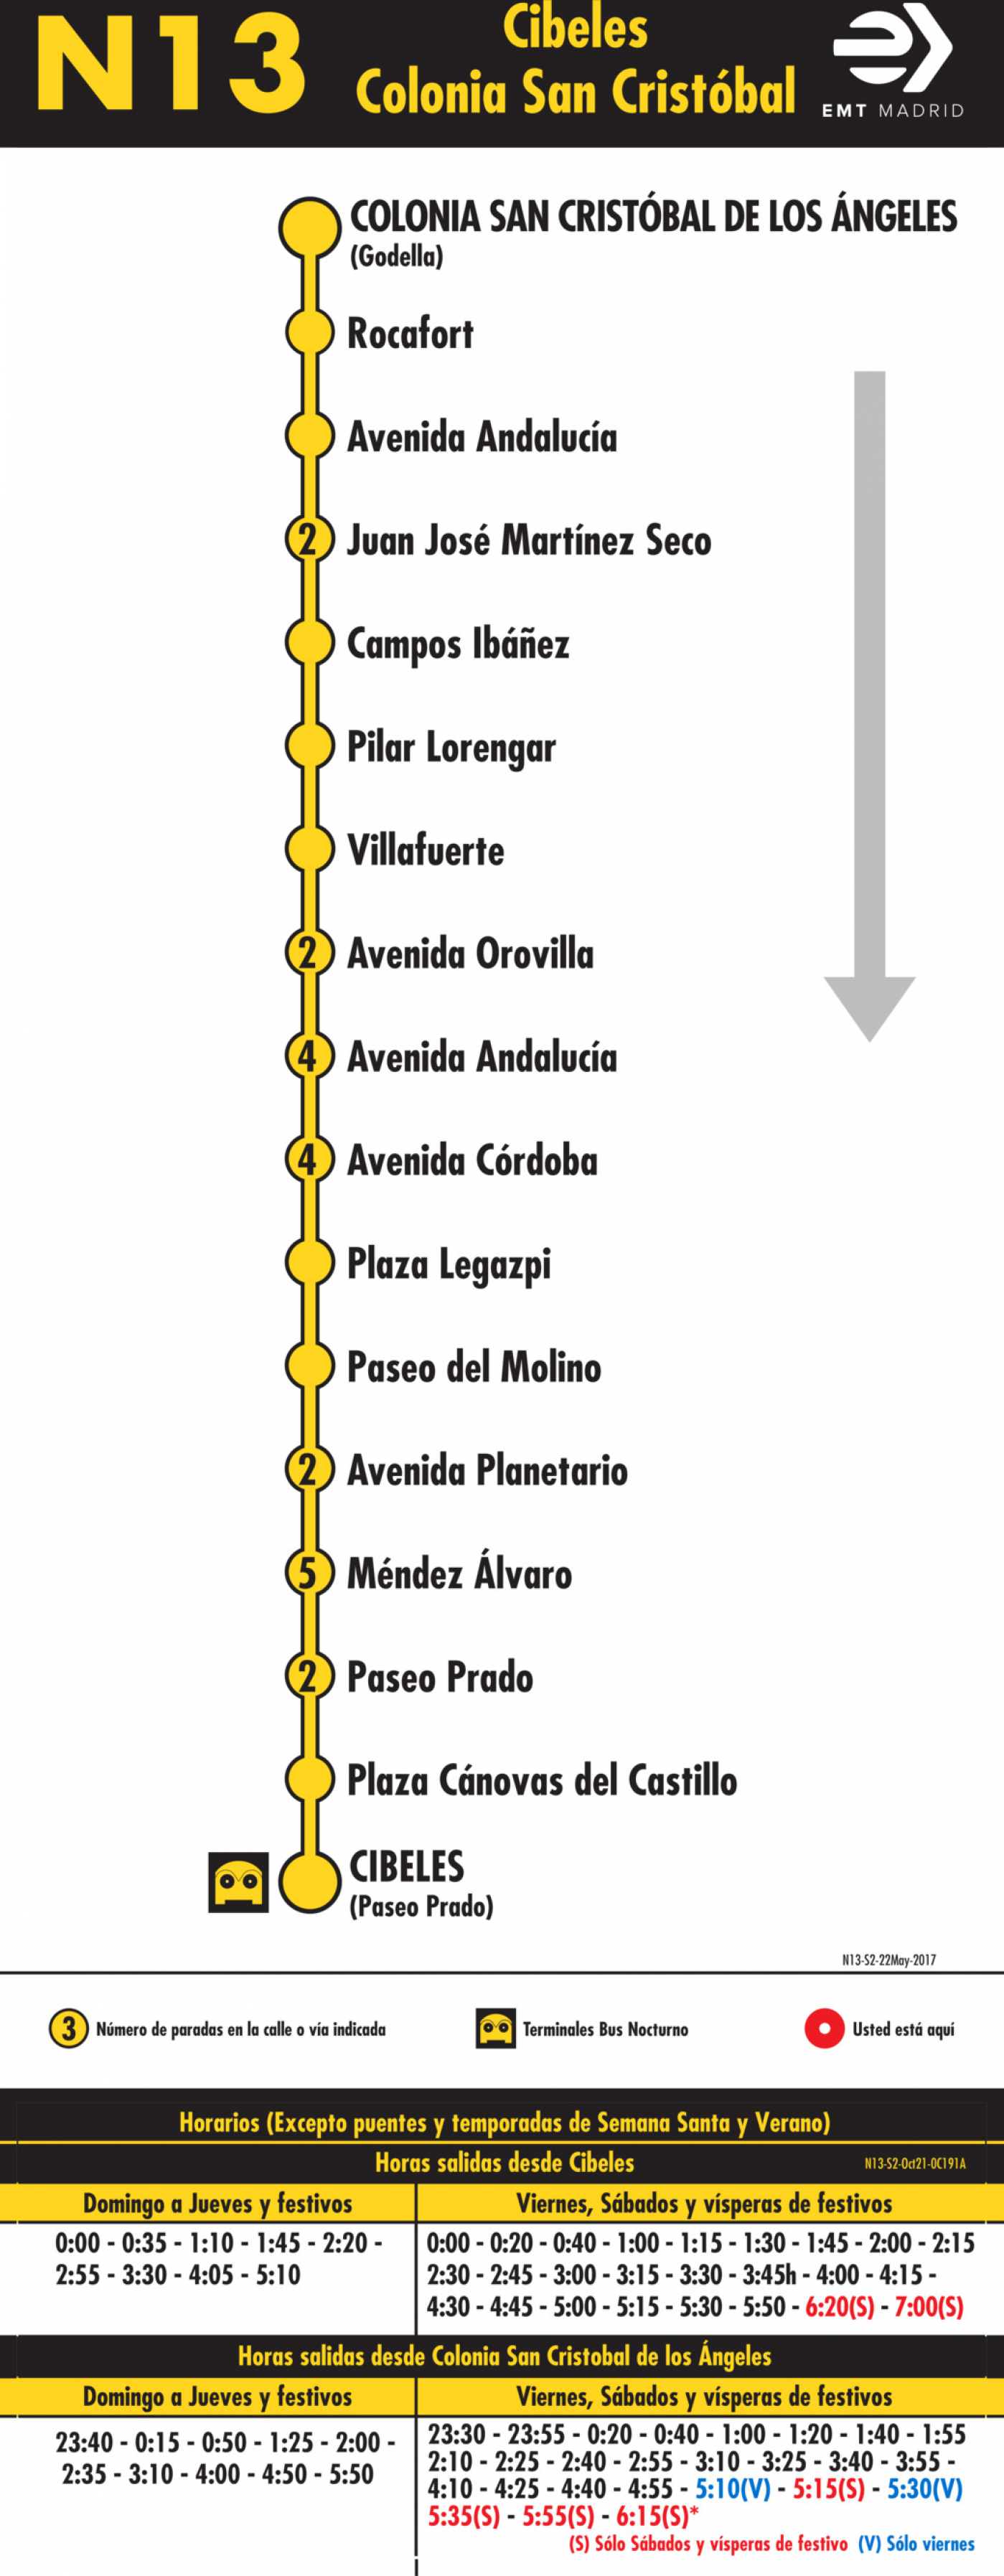 Tabla de horarios y frecuencias de paso en sentido vuelta Línea N13: Plaza de Cibeles - Colonia San Cristóbal de los Ángeles (búho)